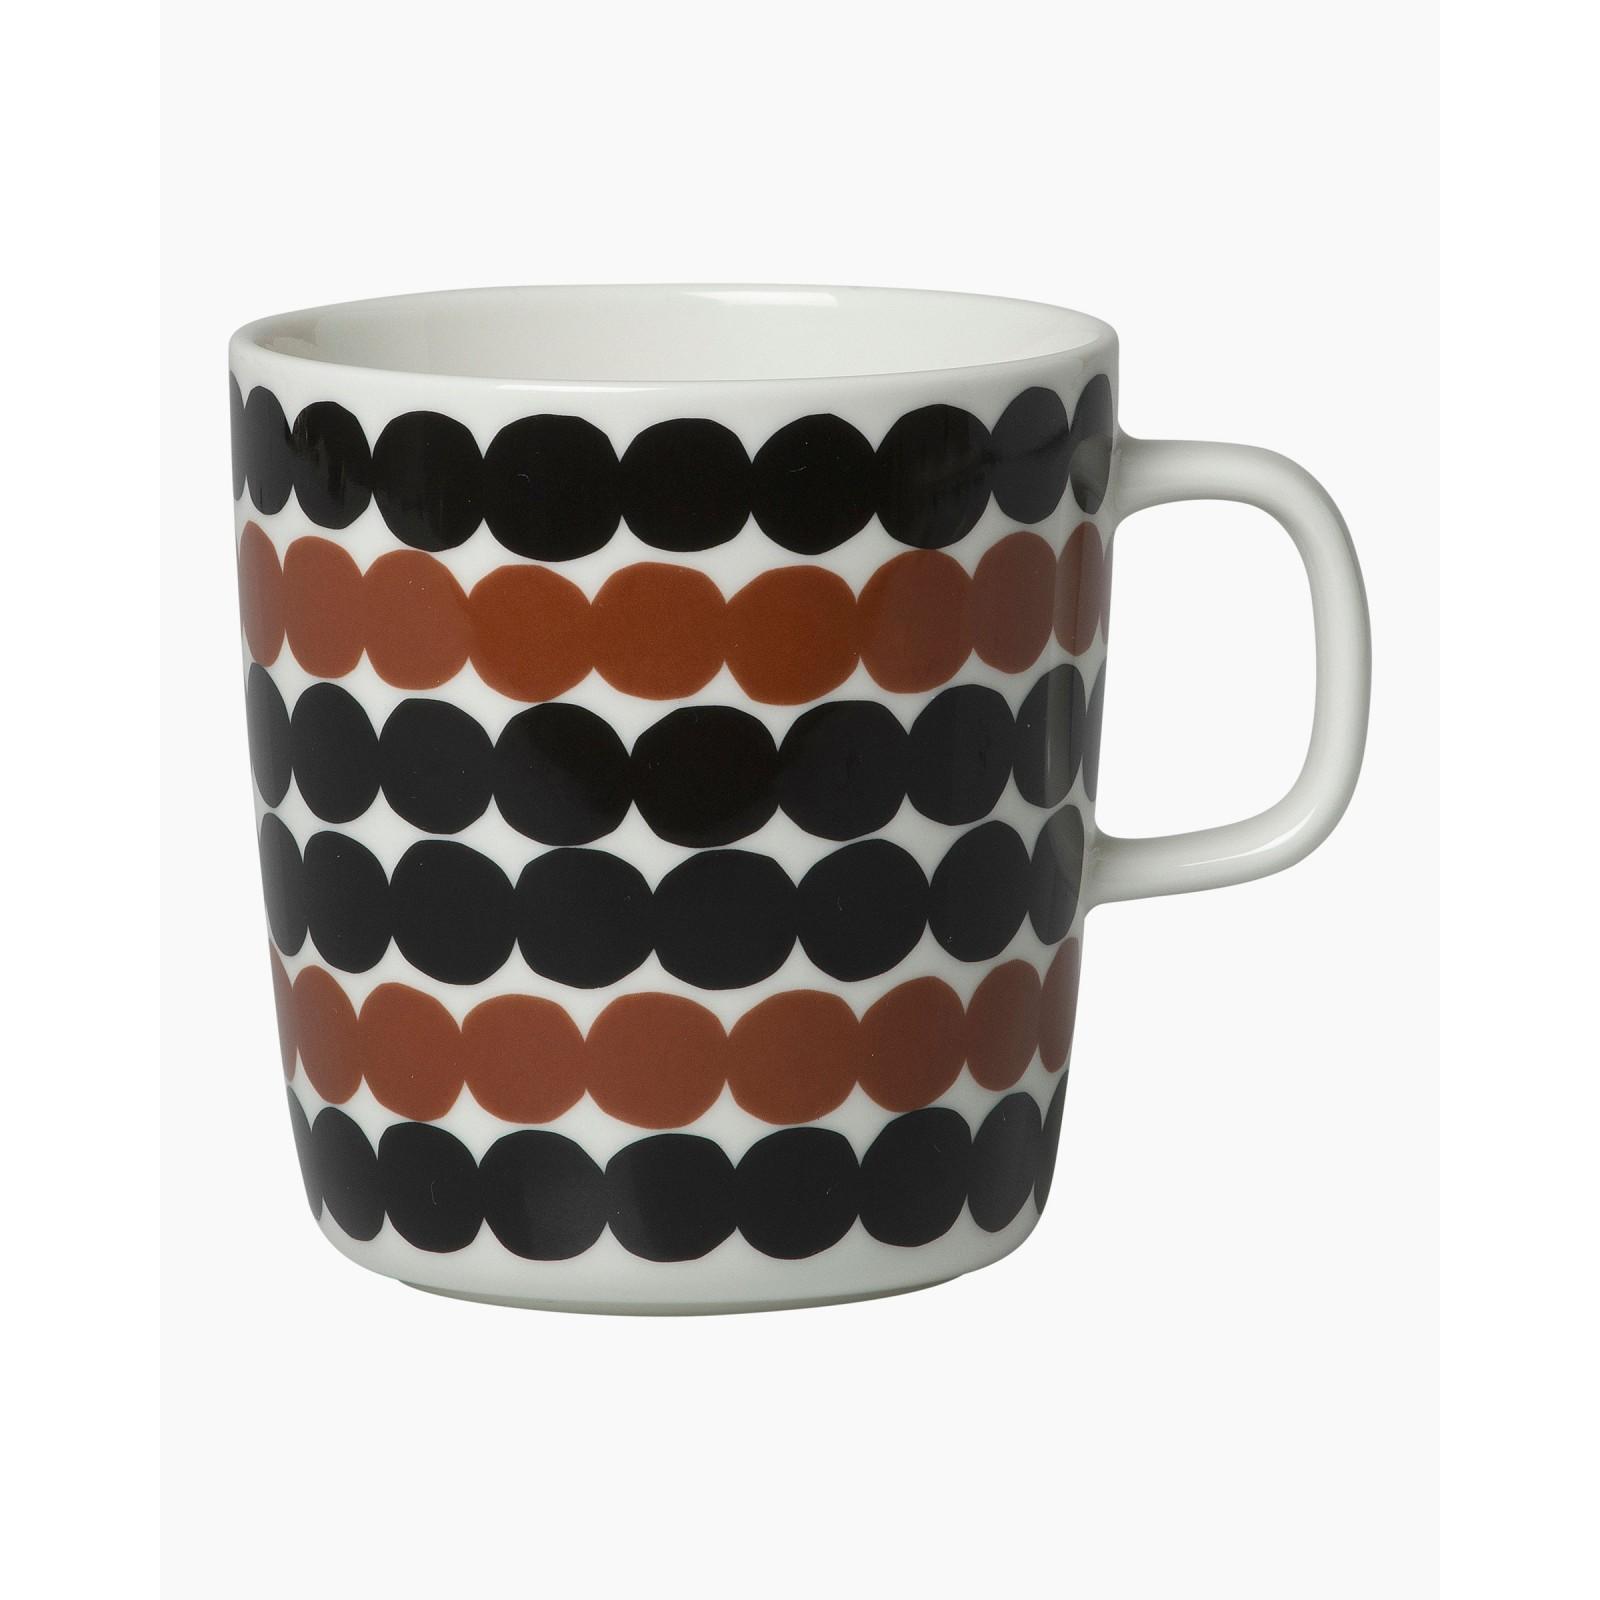 Marimekko Siirtolapuutarha Mug 2,5 dl Black/Brown